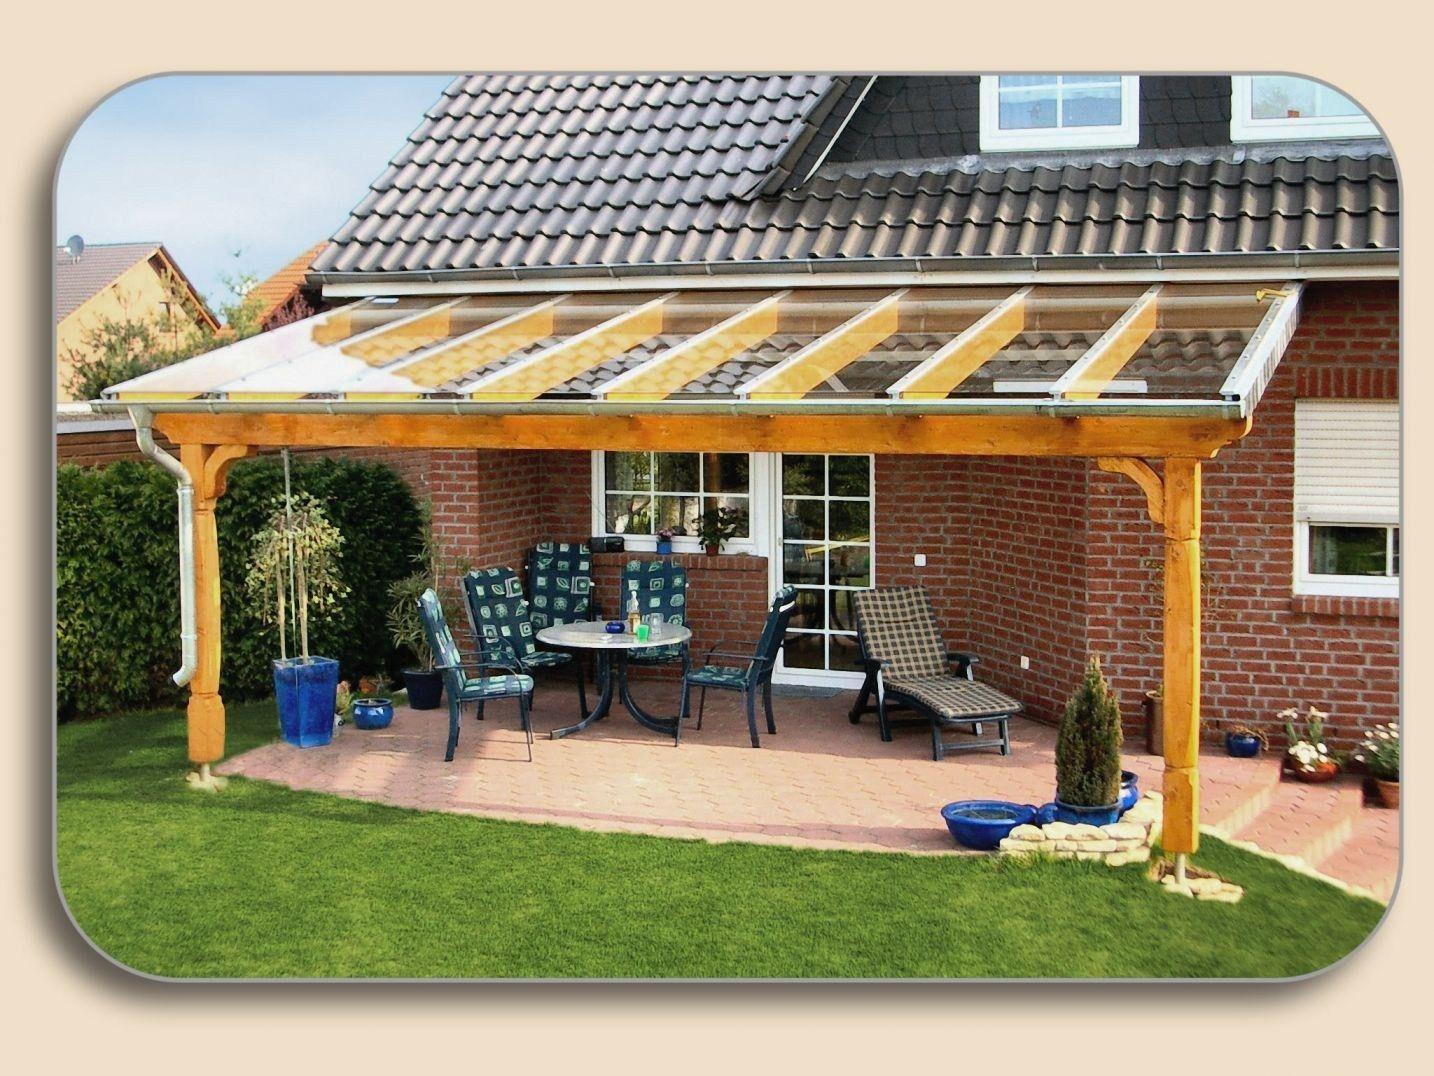 Design 45 Zum Terrassenuberdachung Freistehend Holz Selber Bauen Uberdachung Terrasse Garten Planen Terrassenuberdachung